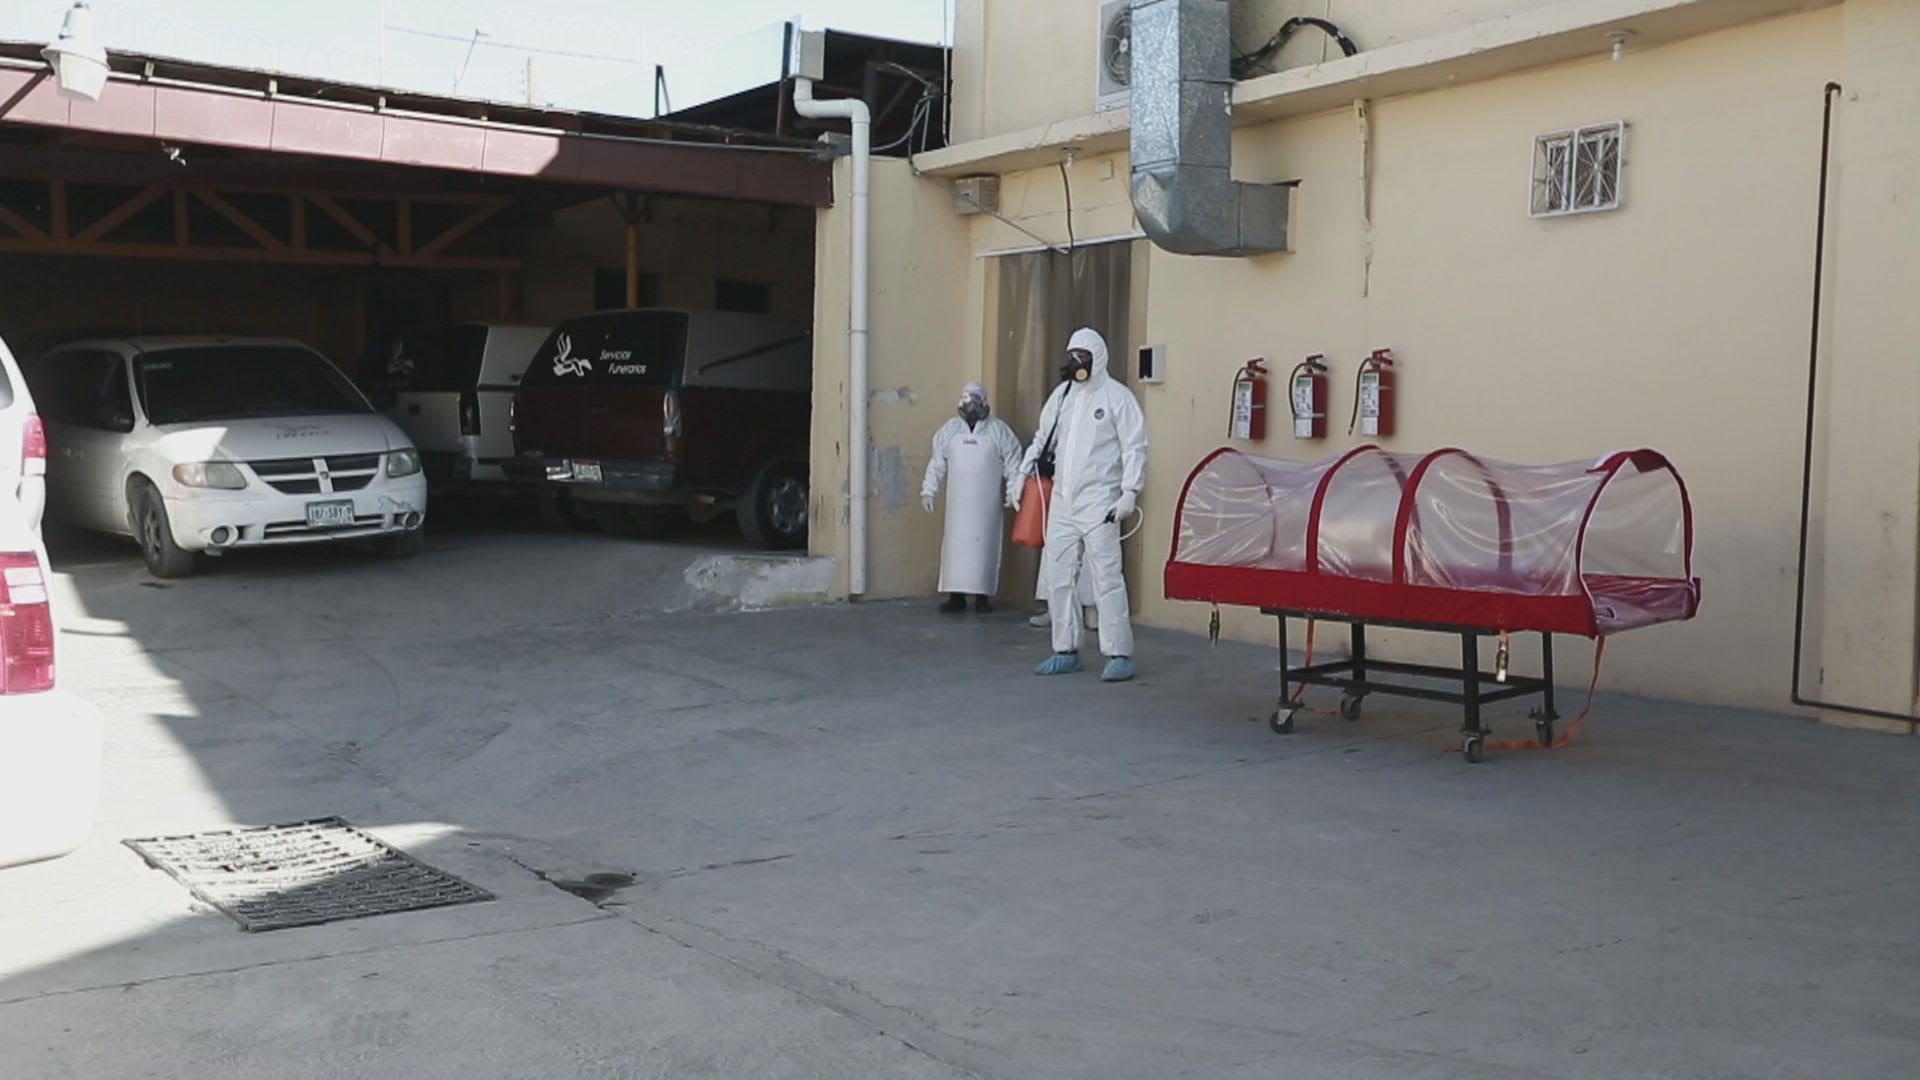 México: Funerarias de Ciudad Juárez trasladan cuerpos dentro de una cápsula aislante ante temor de contagio